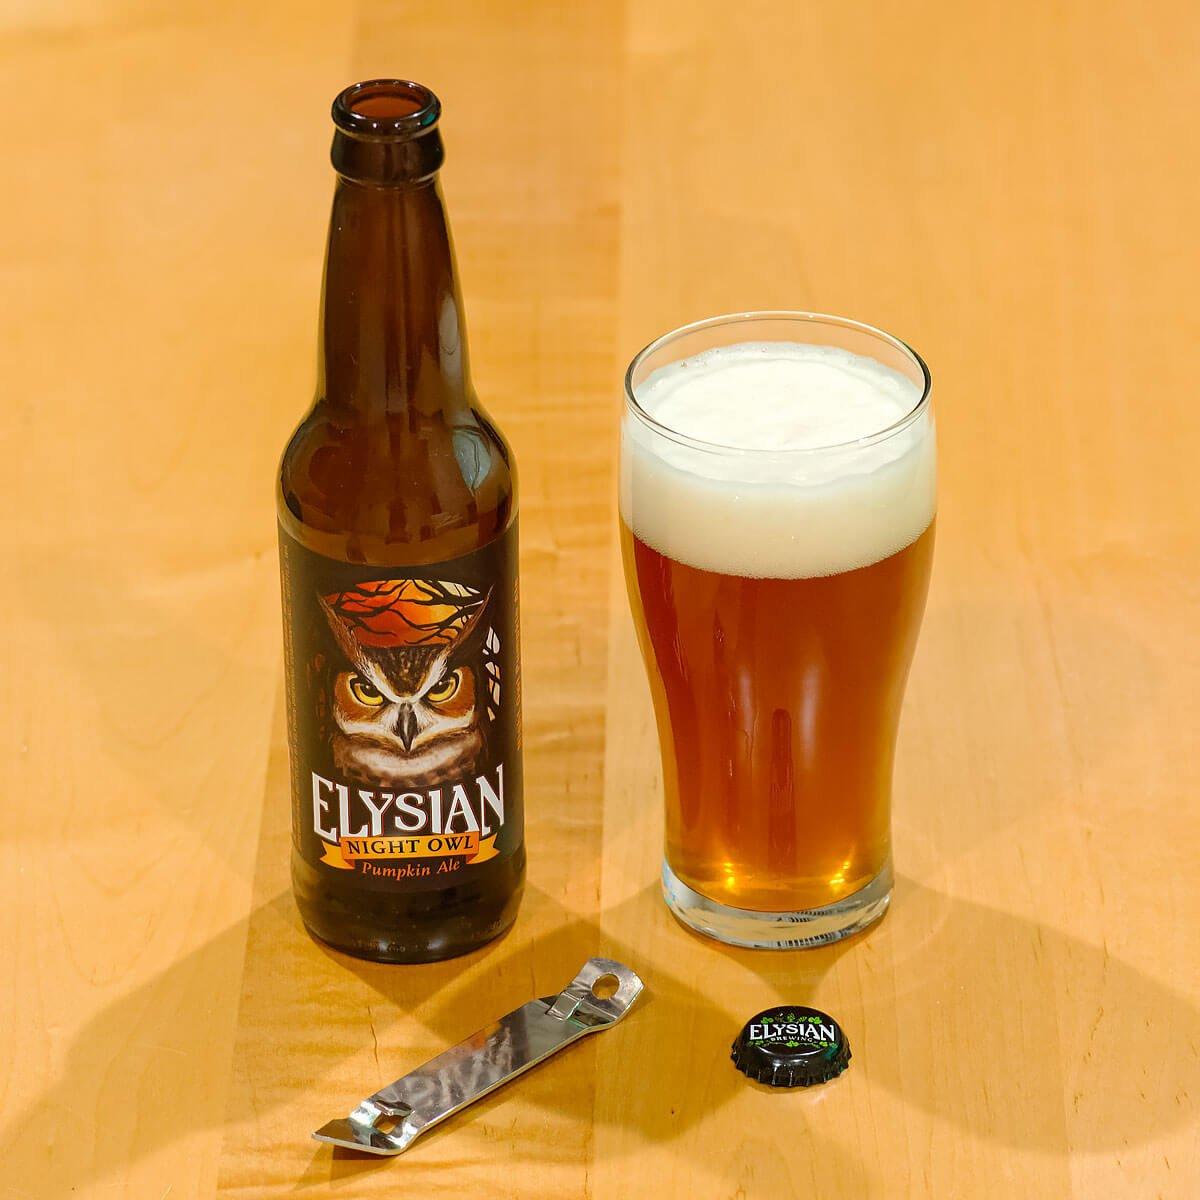 Night Owl Pumpkin Ale by Elysian Brewing Company